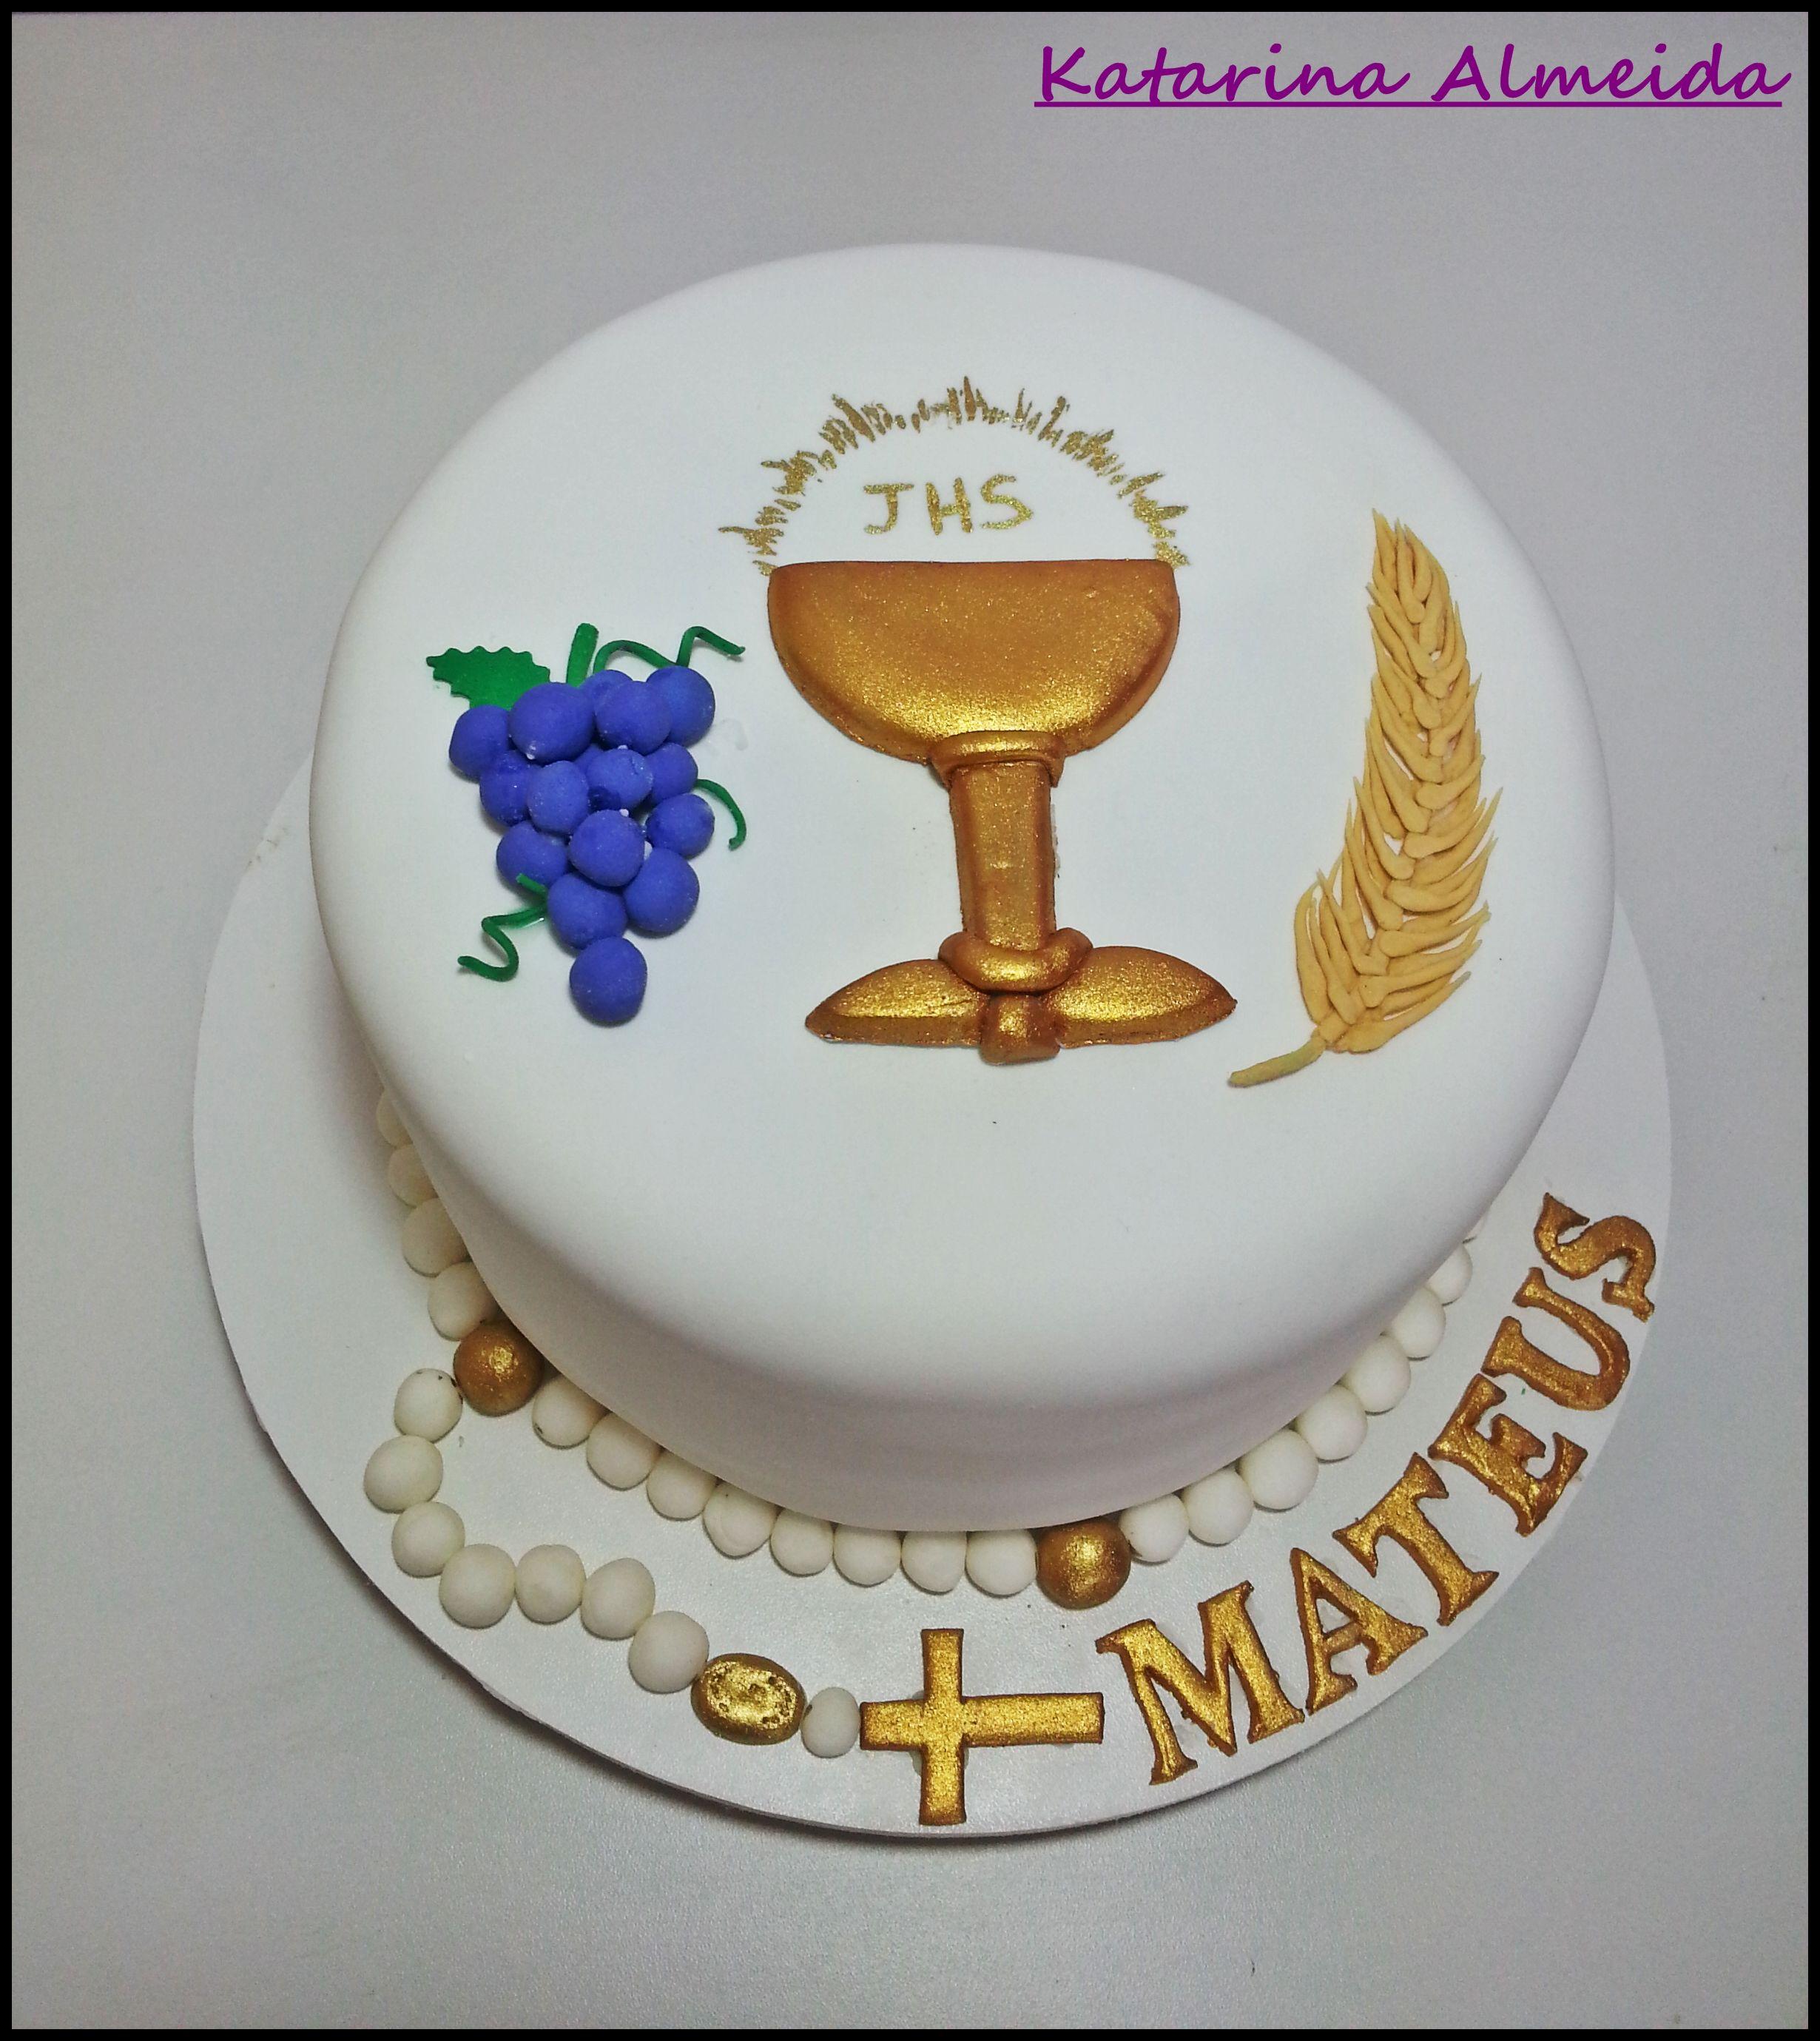 Bolo Primeira Comunh u00e3o Katarina Almeida Cake Designer Communion cakes, Birthday Cake e Cake